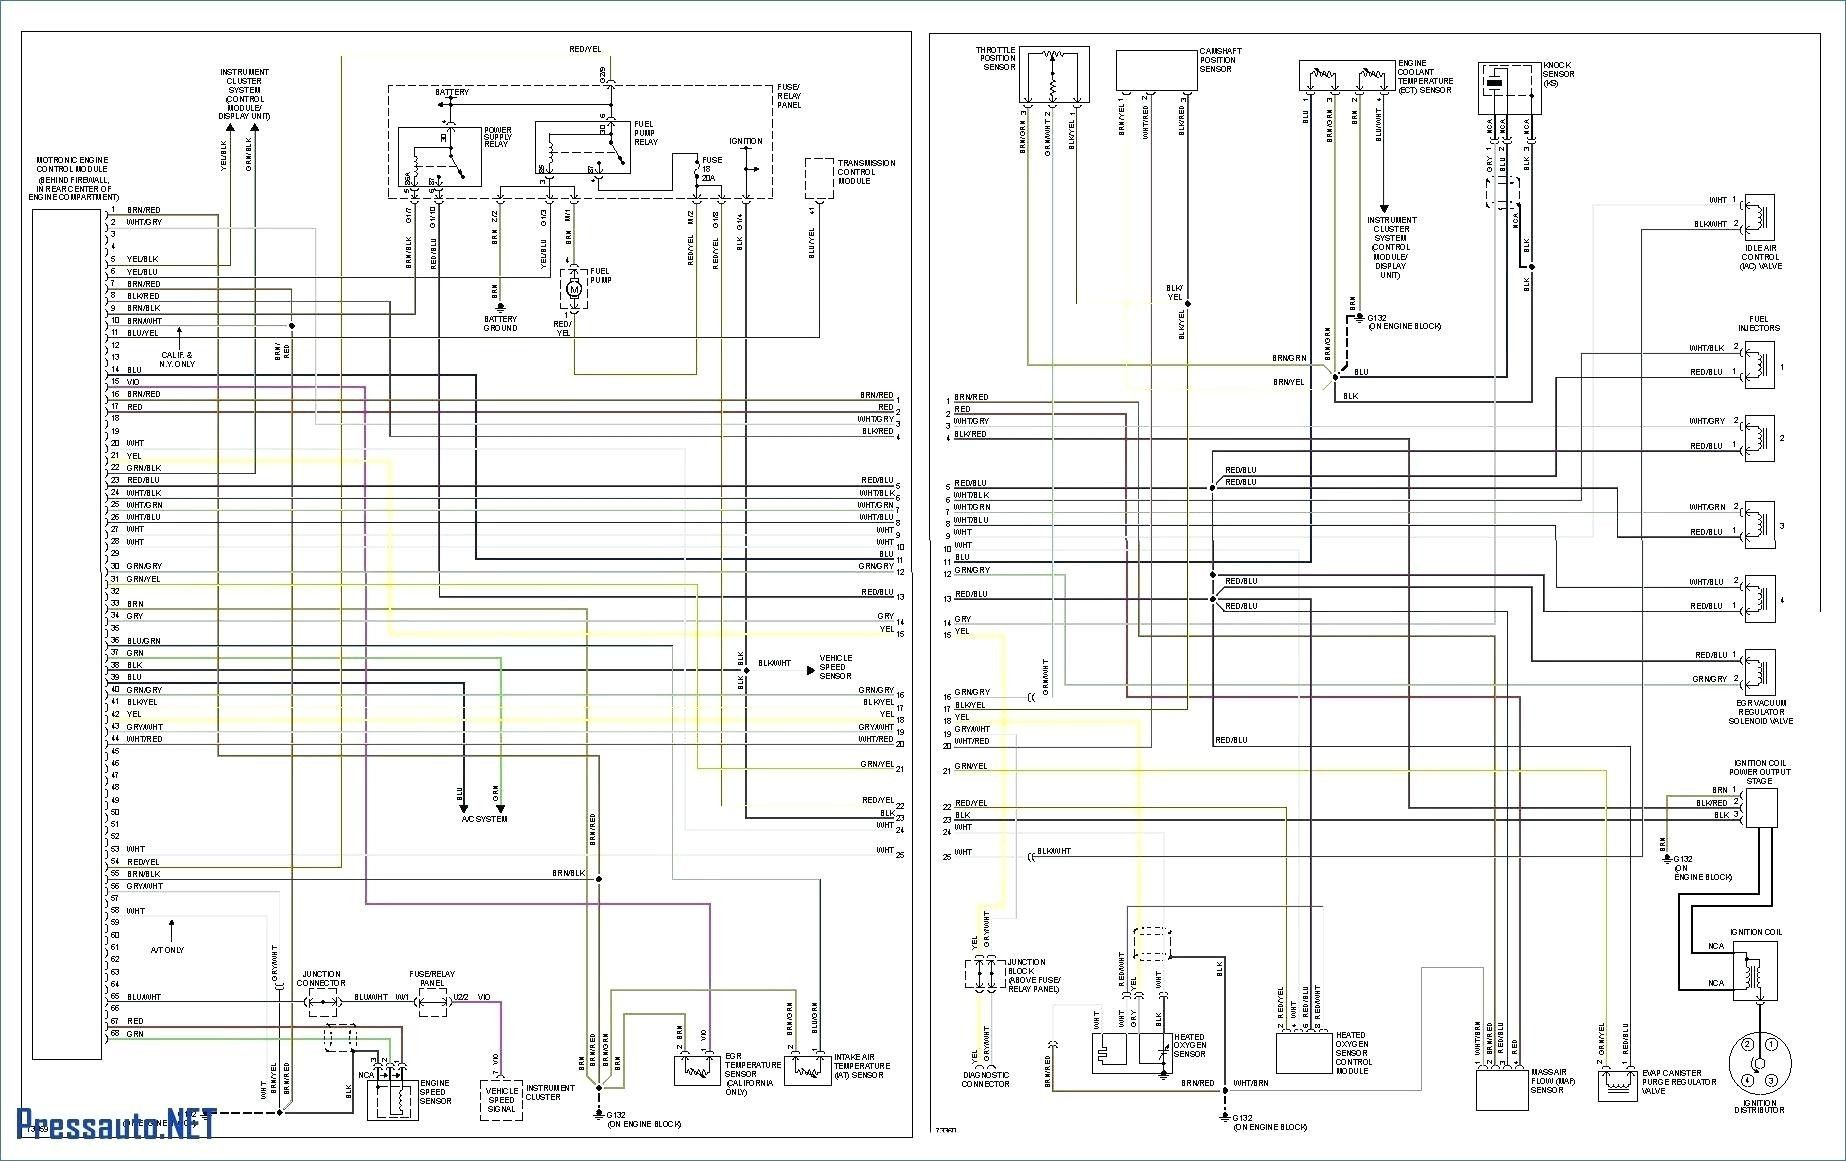 2001 Vw Passat 1 8 T Engine Diagram In 2021 Vr6 Engine Vw Jetta Vw Up